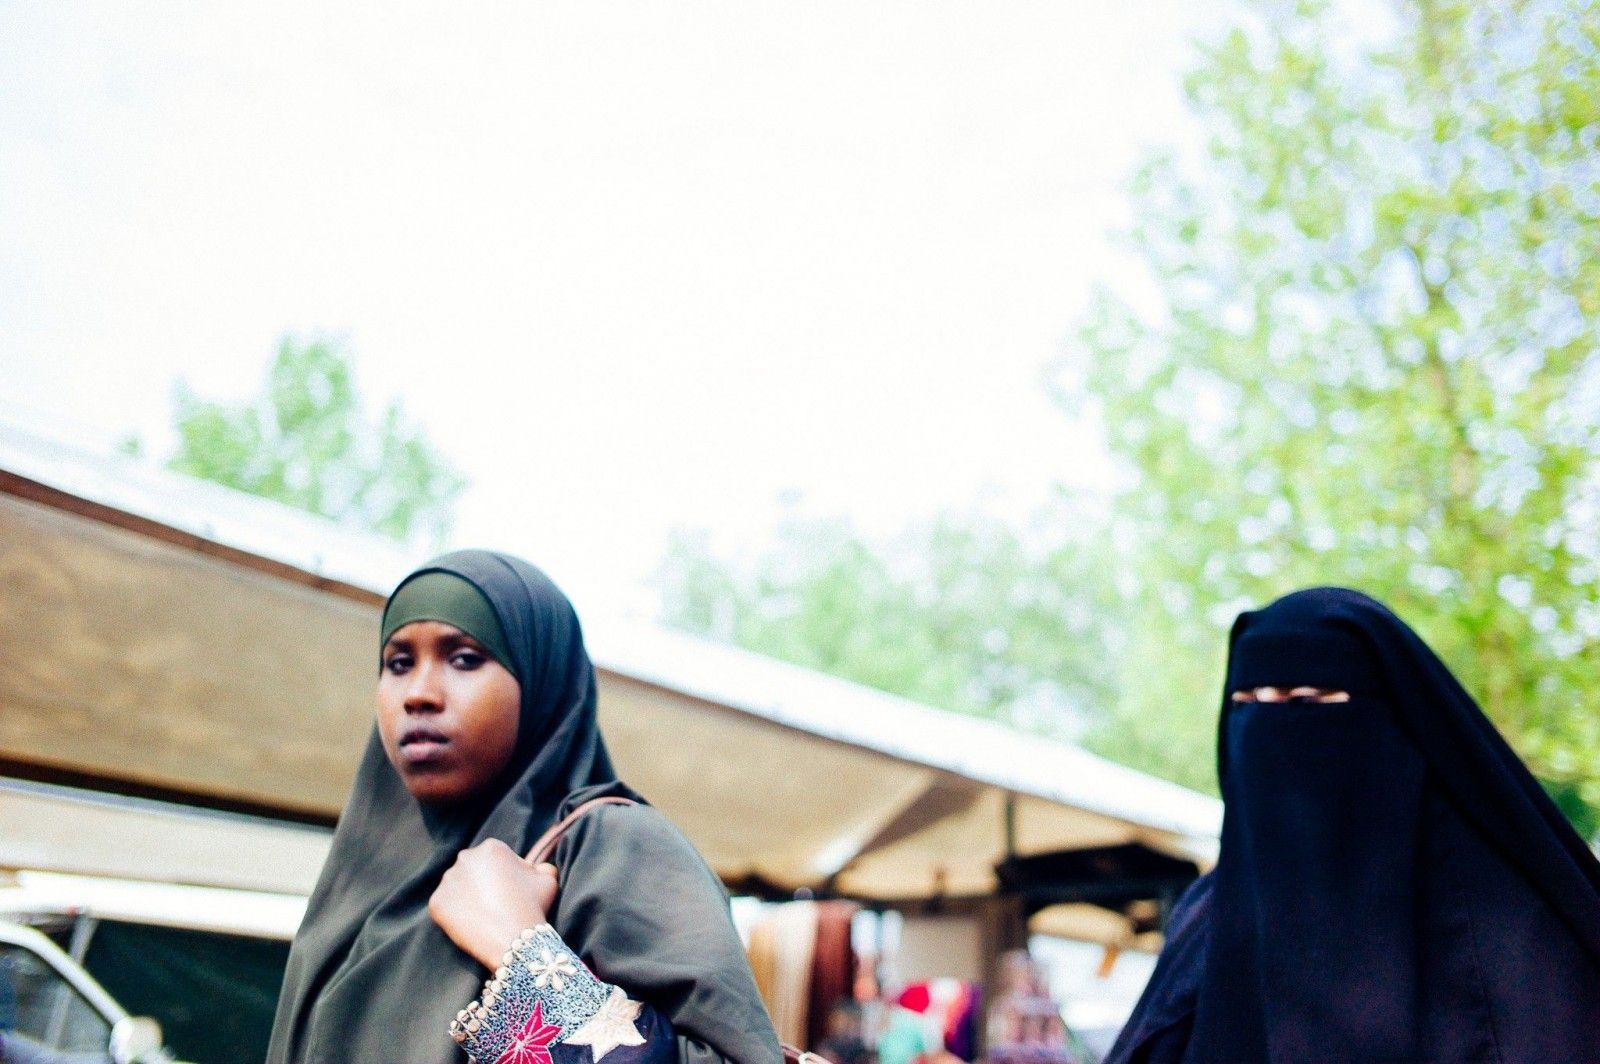 Muslim Islam burka rotterdam